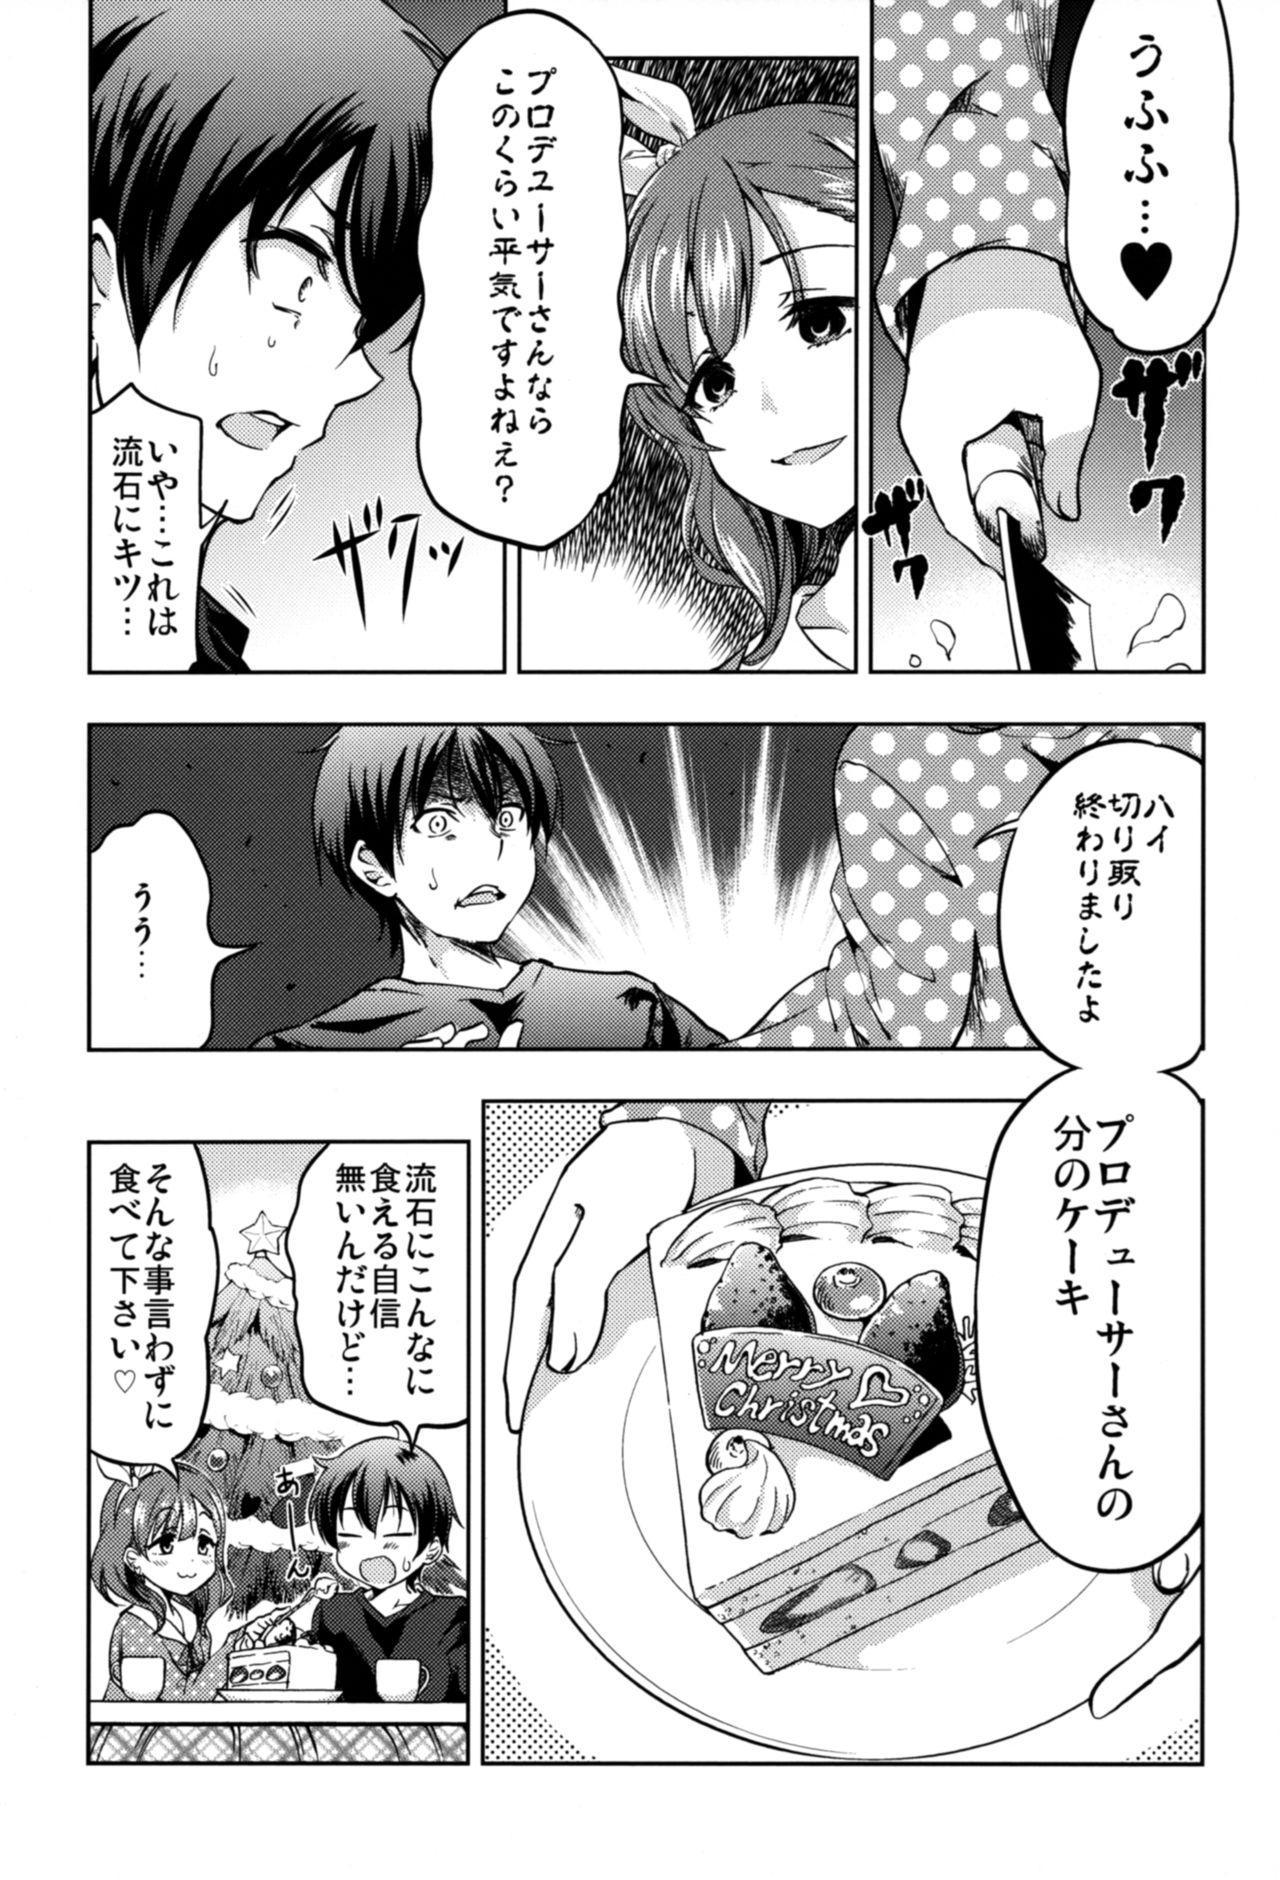 Shiawase na Ketsumatsu 7